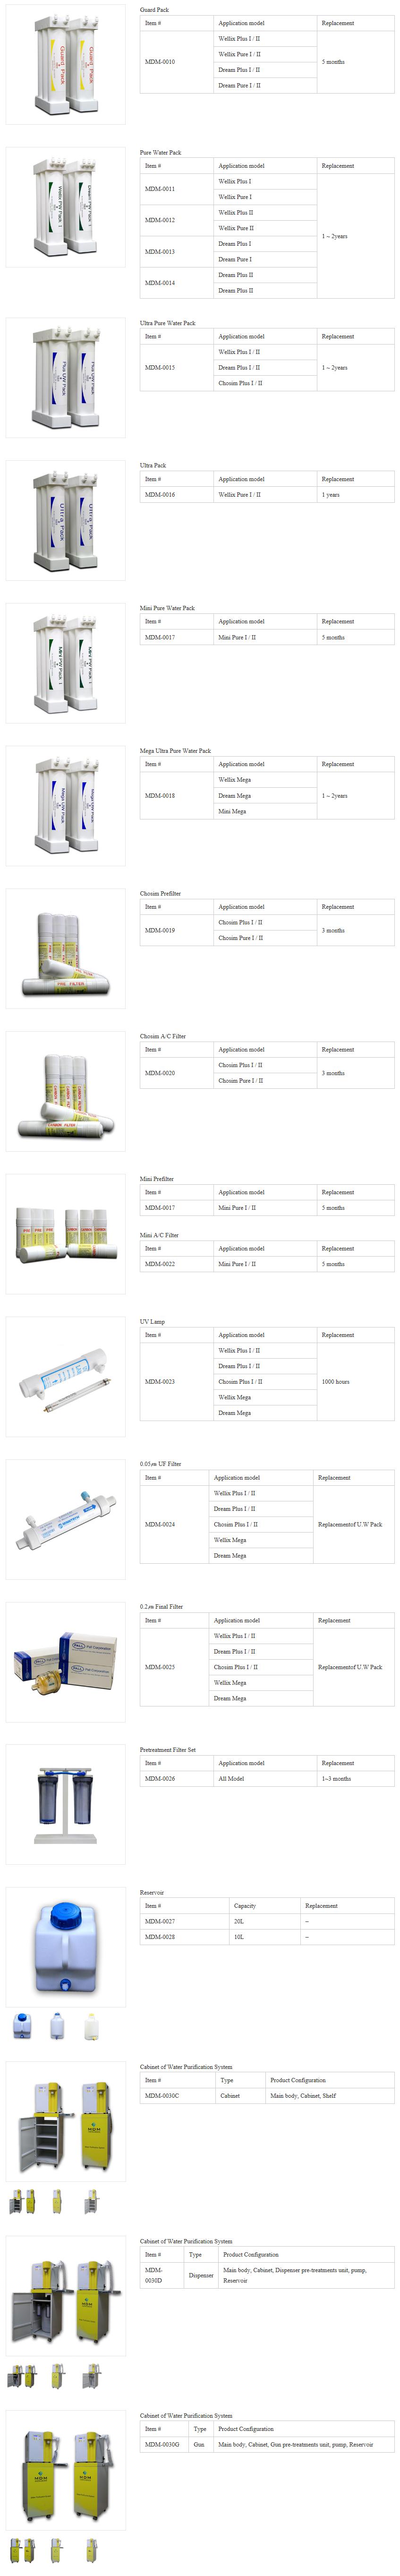 MDM Filter & Accessories MDM-Series